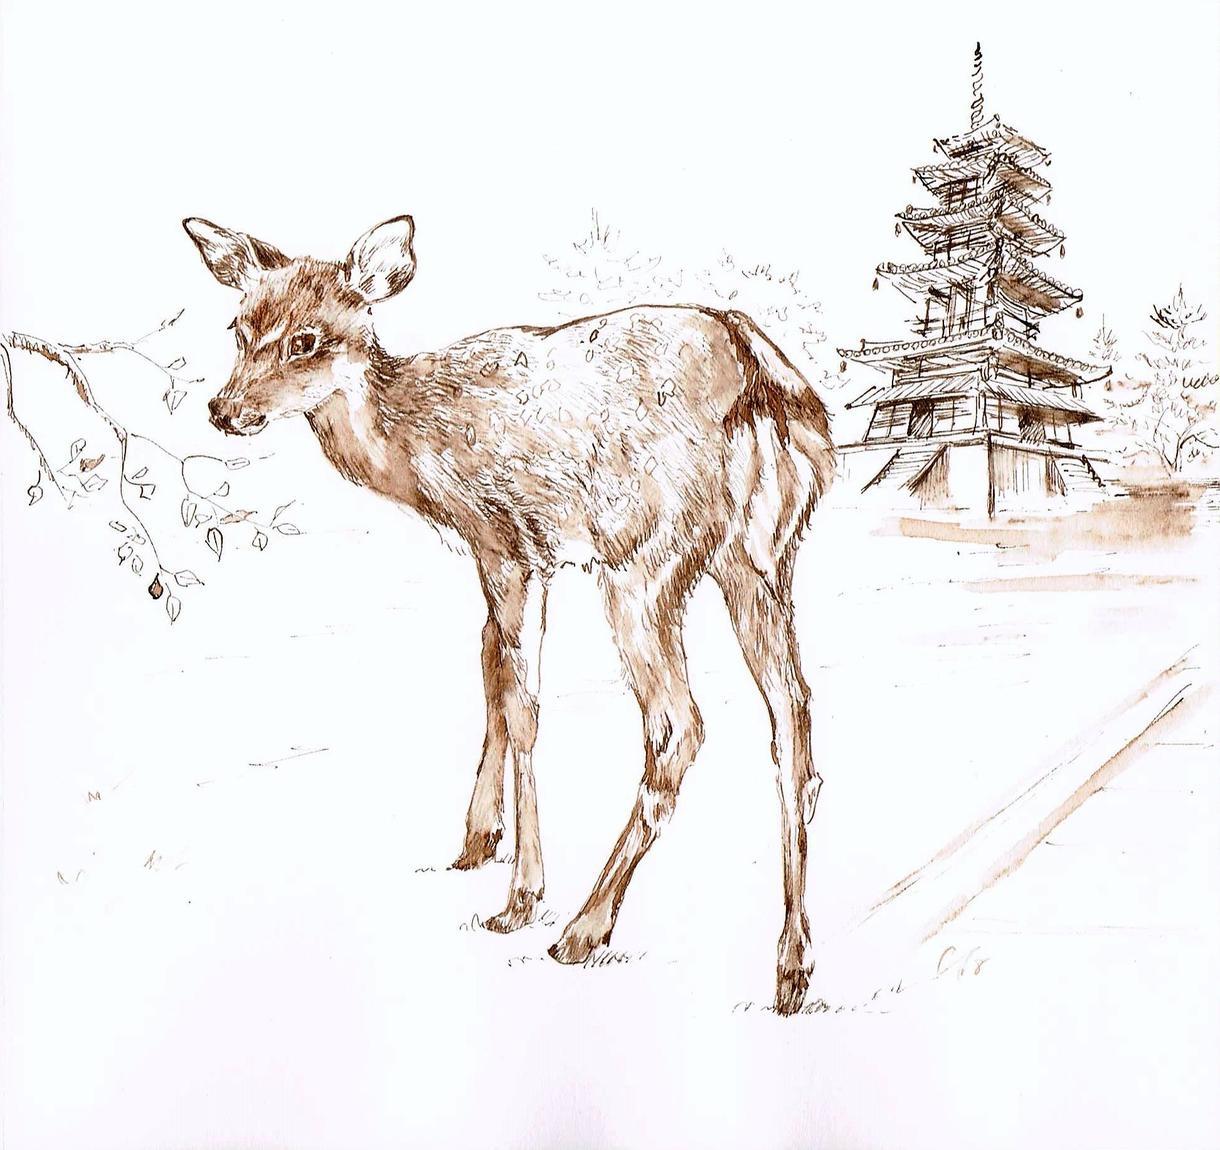 奈良の鹿のインク画ご購入いただけます ご自宅やオフィスのインテリアに一枚いかがでしょうか